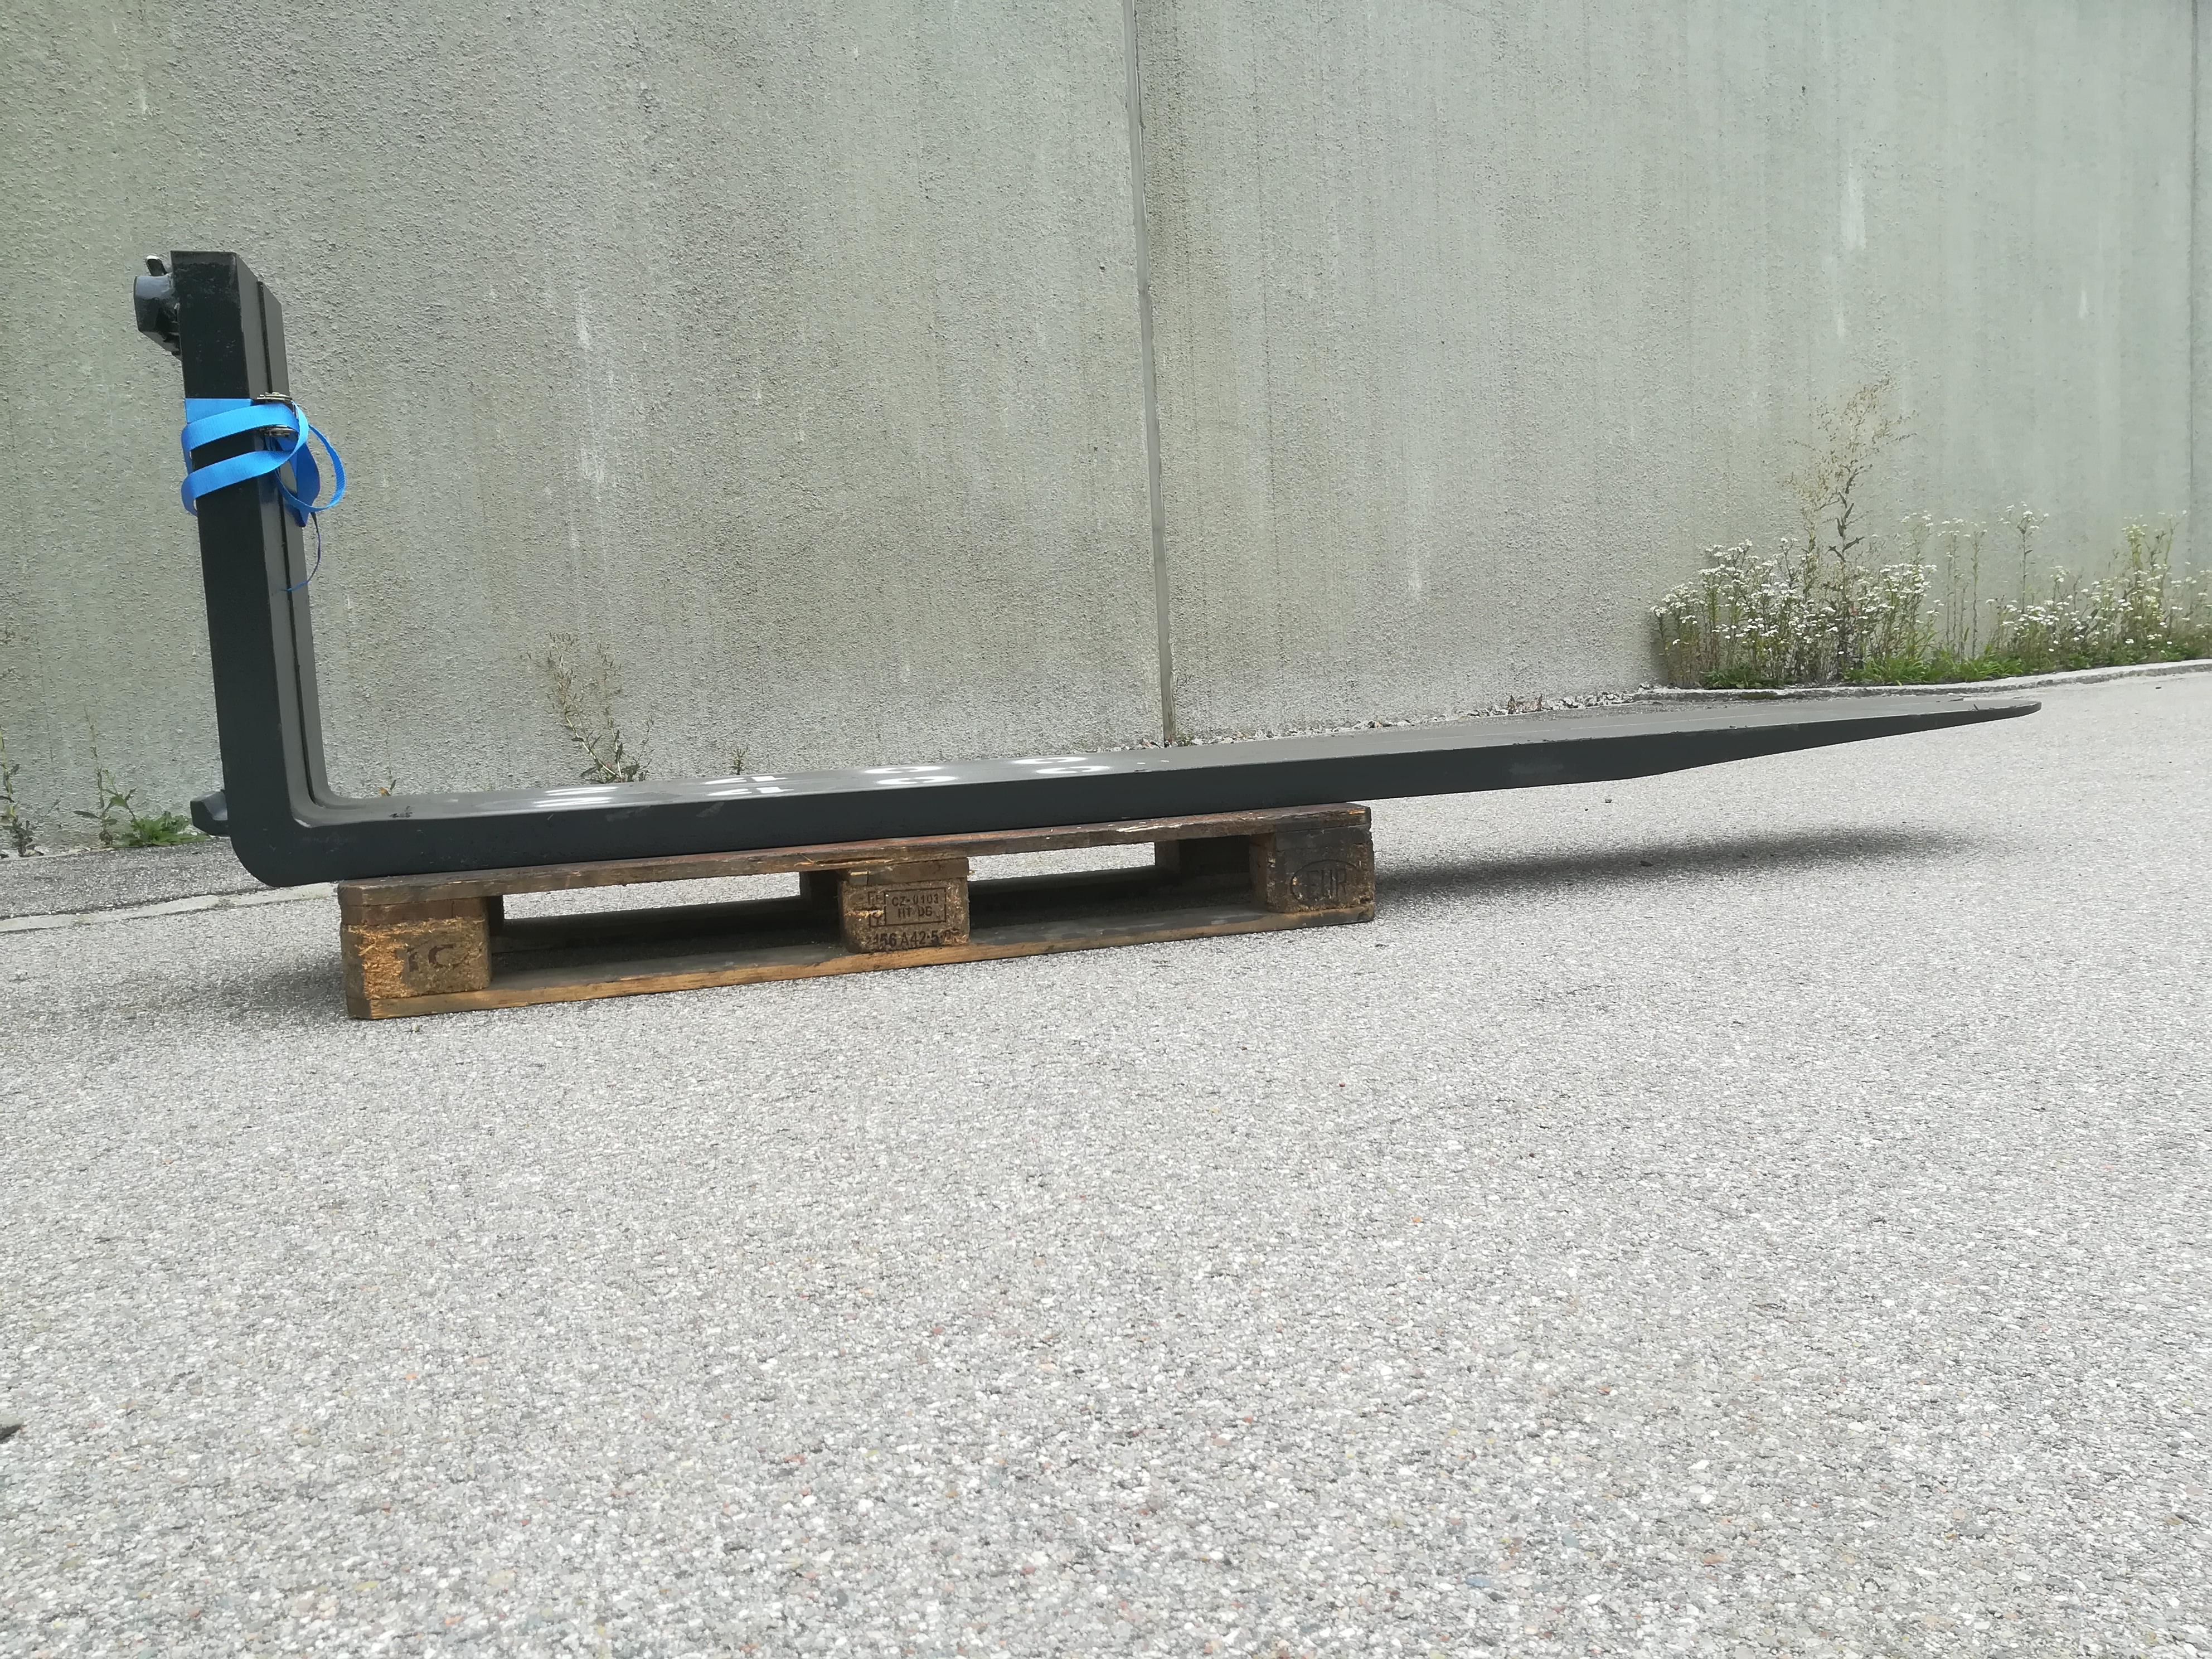 Prächtig Gabelzinken gebraucht 2,4m FEM 3B 8,4t. No 674 - Anbaugeräte Wikapak #EZ_32